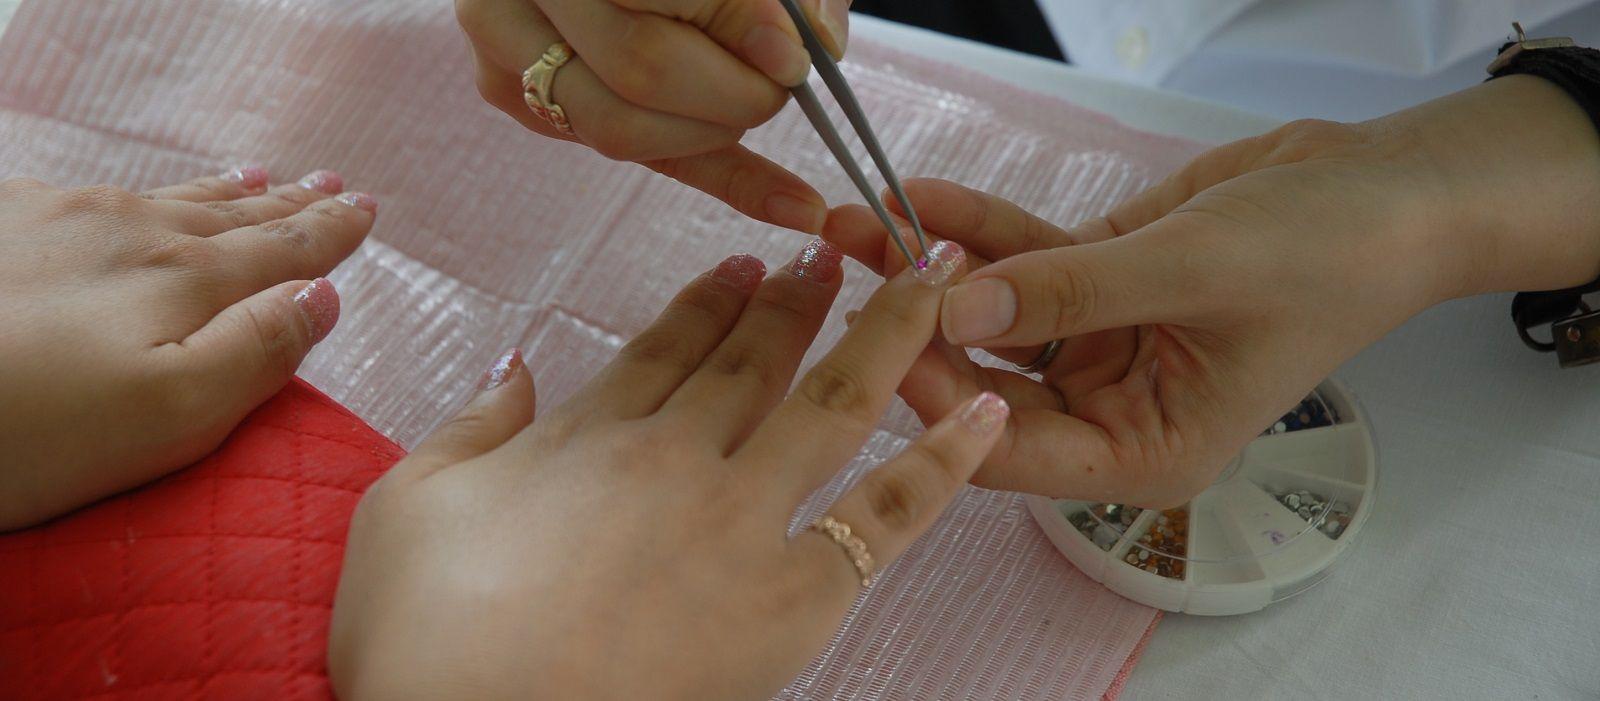 Come rimuovere il nero da sotto le unghie